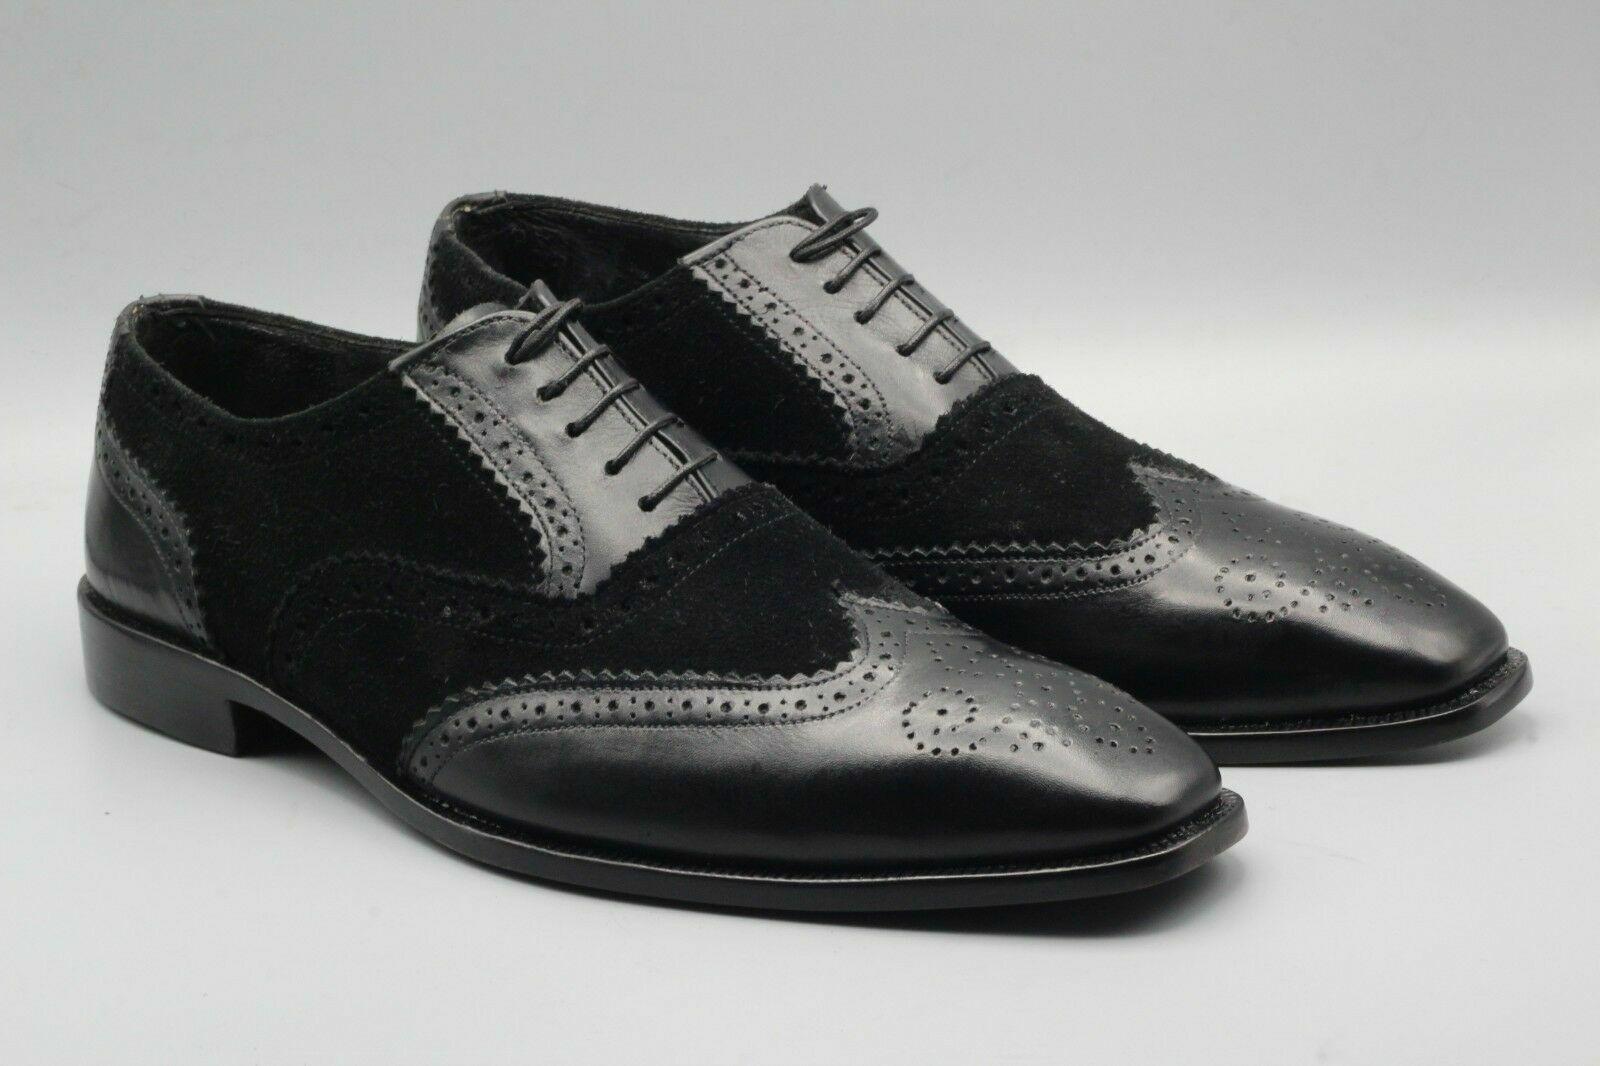 Handgefertigter zweifarbiger schwarzer Leder & Wildleder Oxford Brogue Schuh